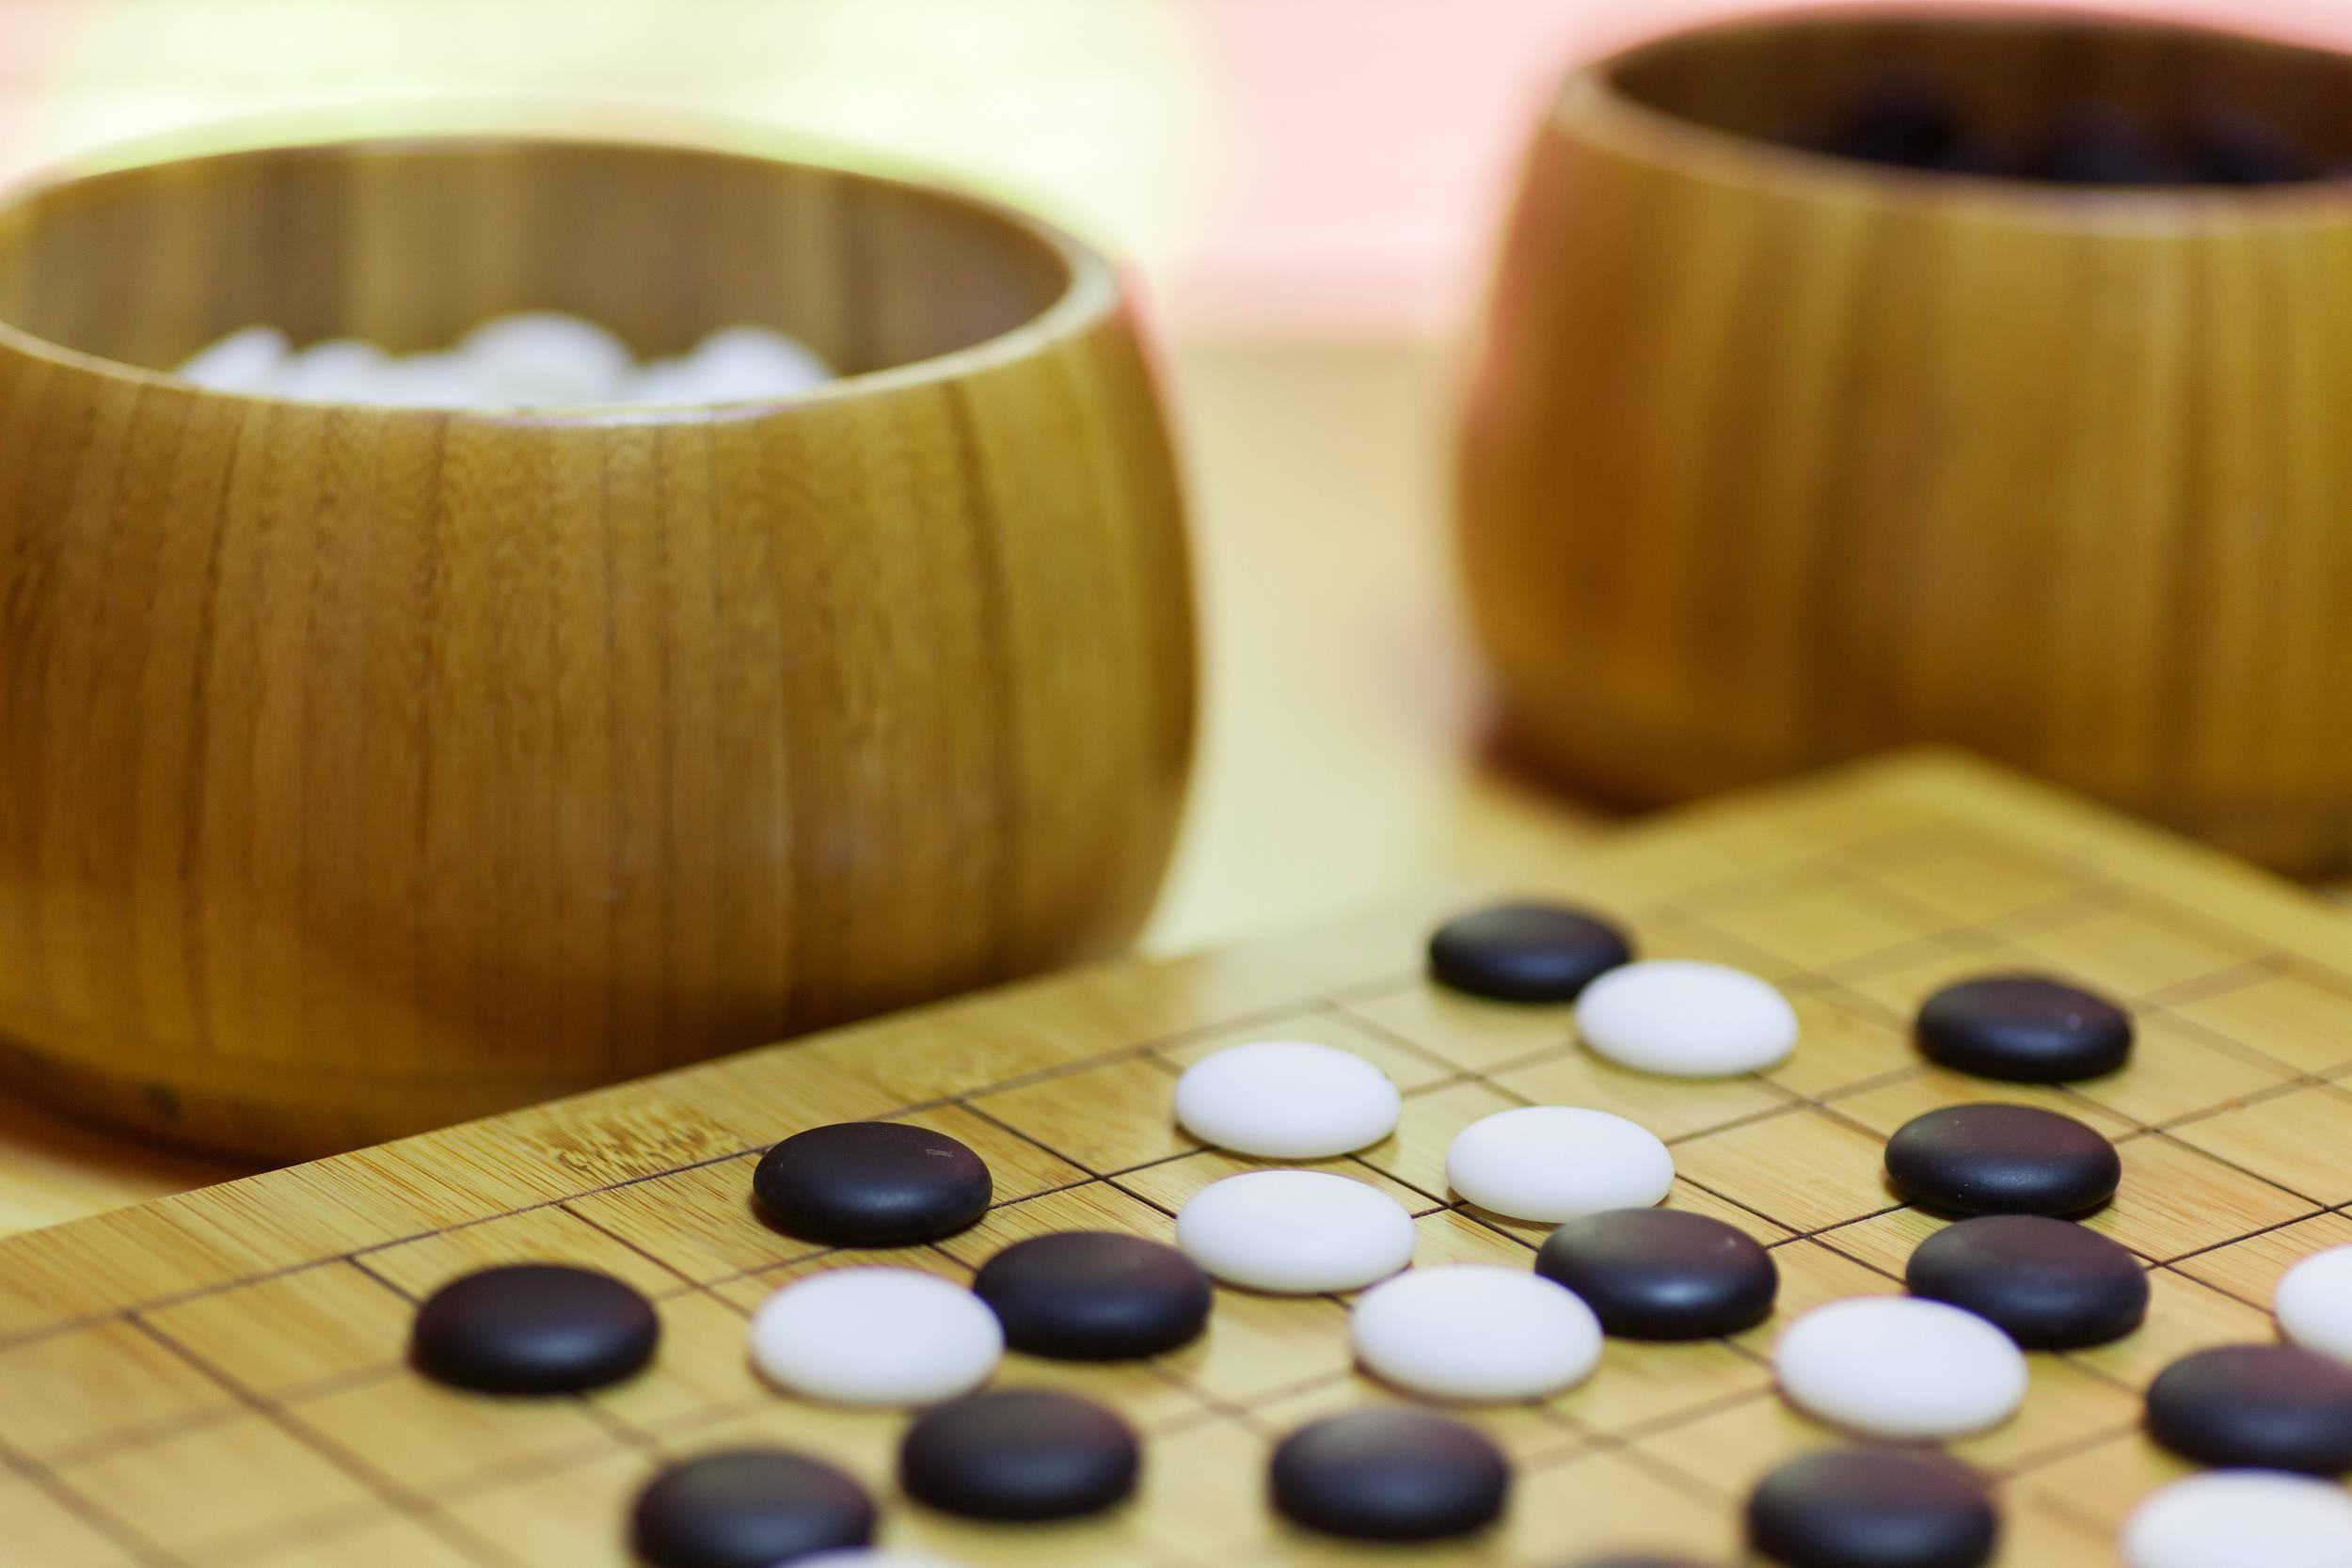 深掘素质教育洼地,从有道纵横看少儿围棋的在线逻辑